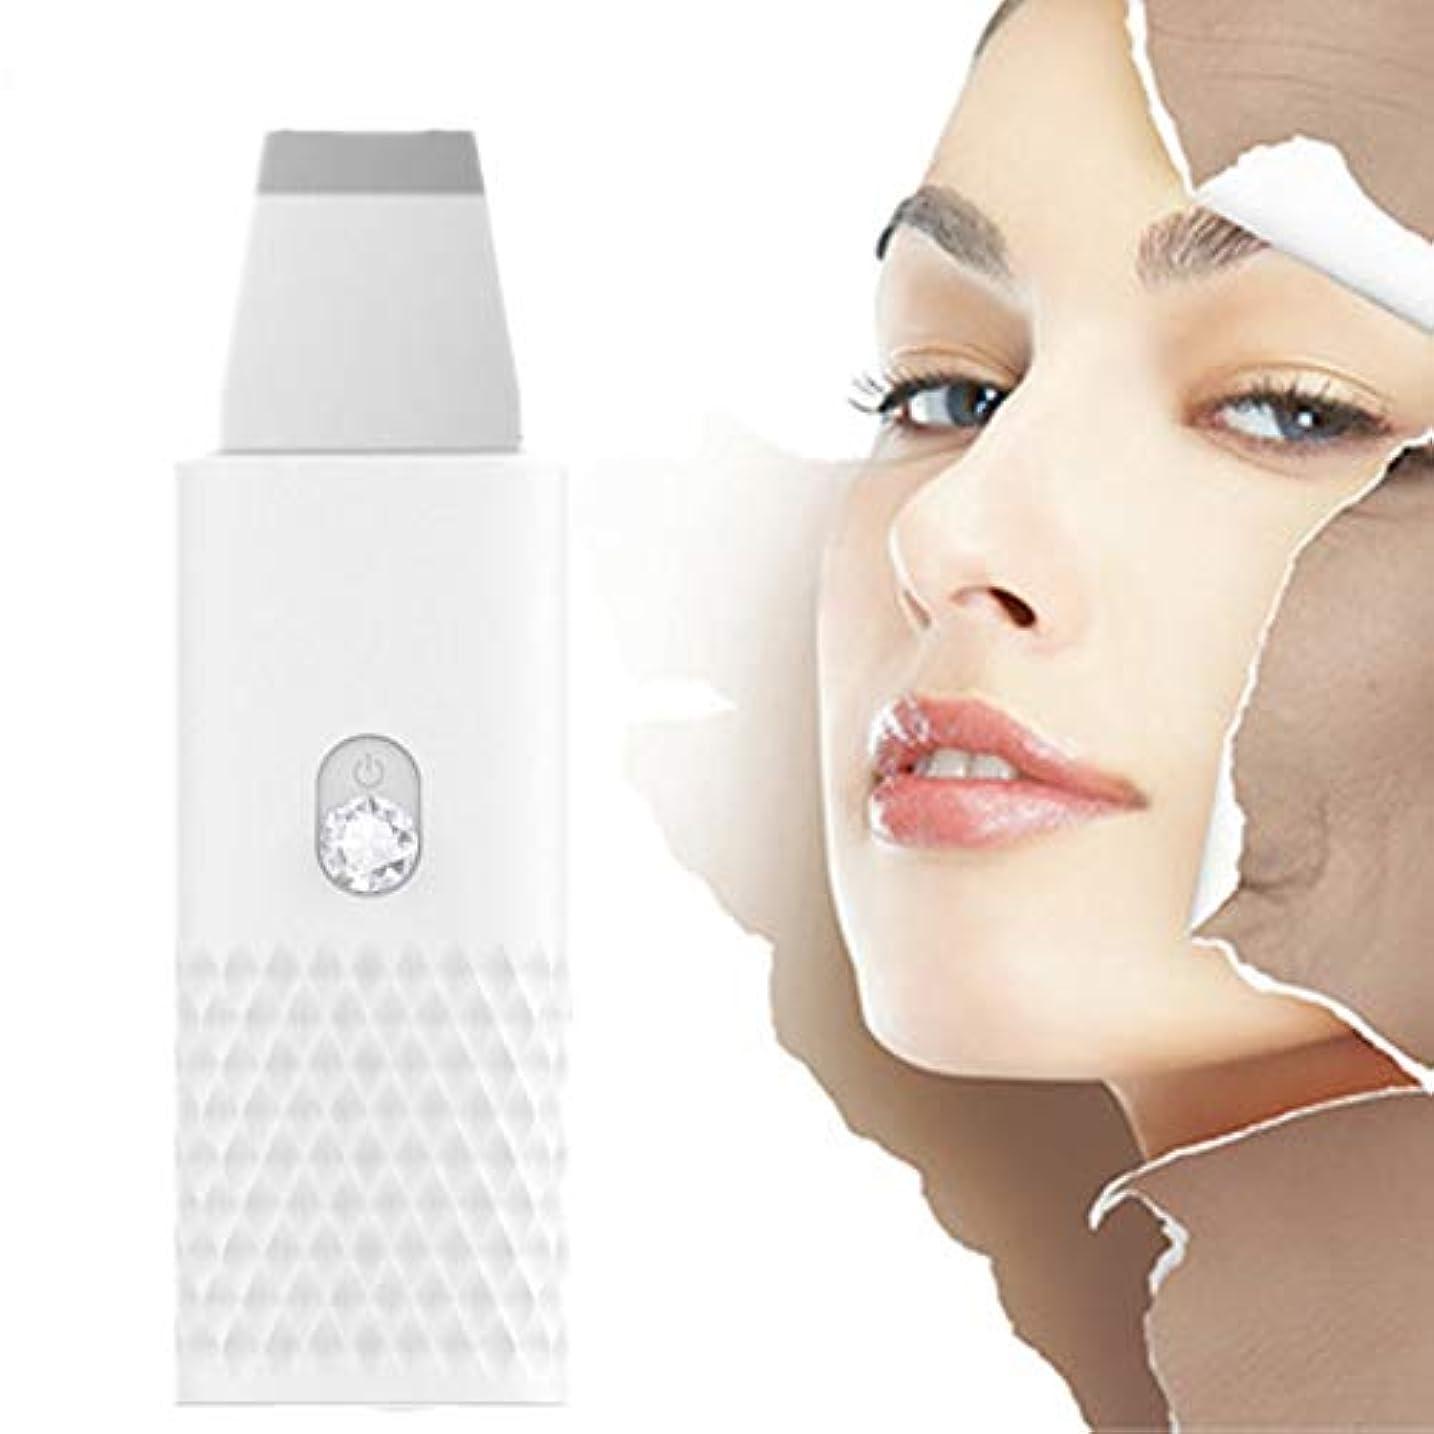 波仮定、想定。推測視聴者ツールクレンザー古い角質除去ホワイトピーリング顔の皮膚のスクラバーブラックヘッドリムーバー毛穴クリーナー電気EMS導入モードUSB充電女性のスキンマッサージスクラバー・フェイシャルリフティング